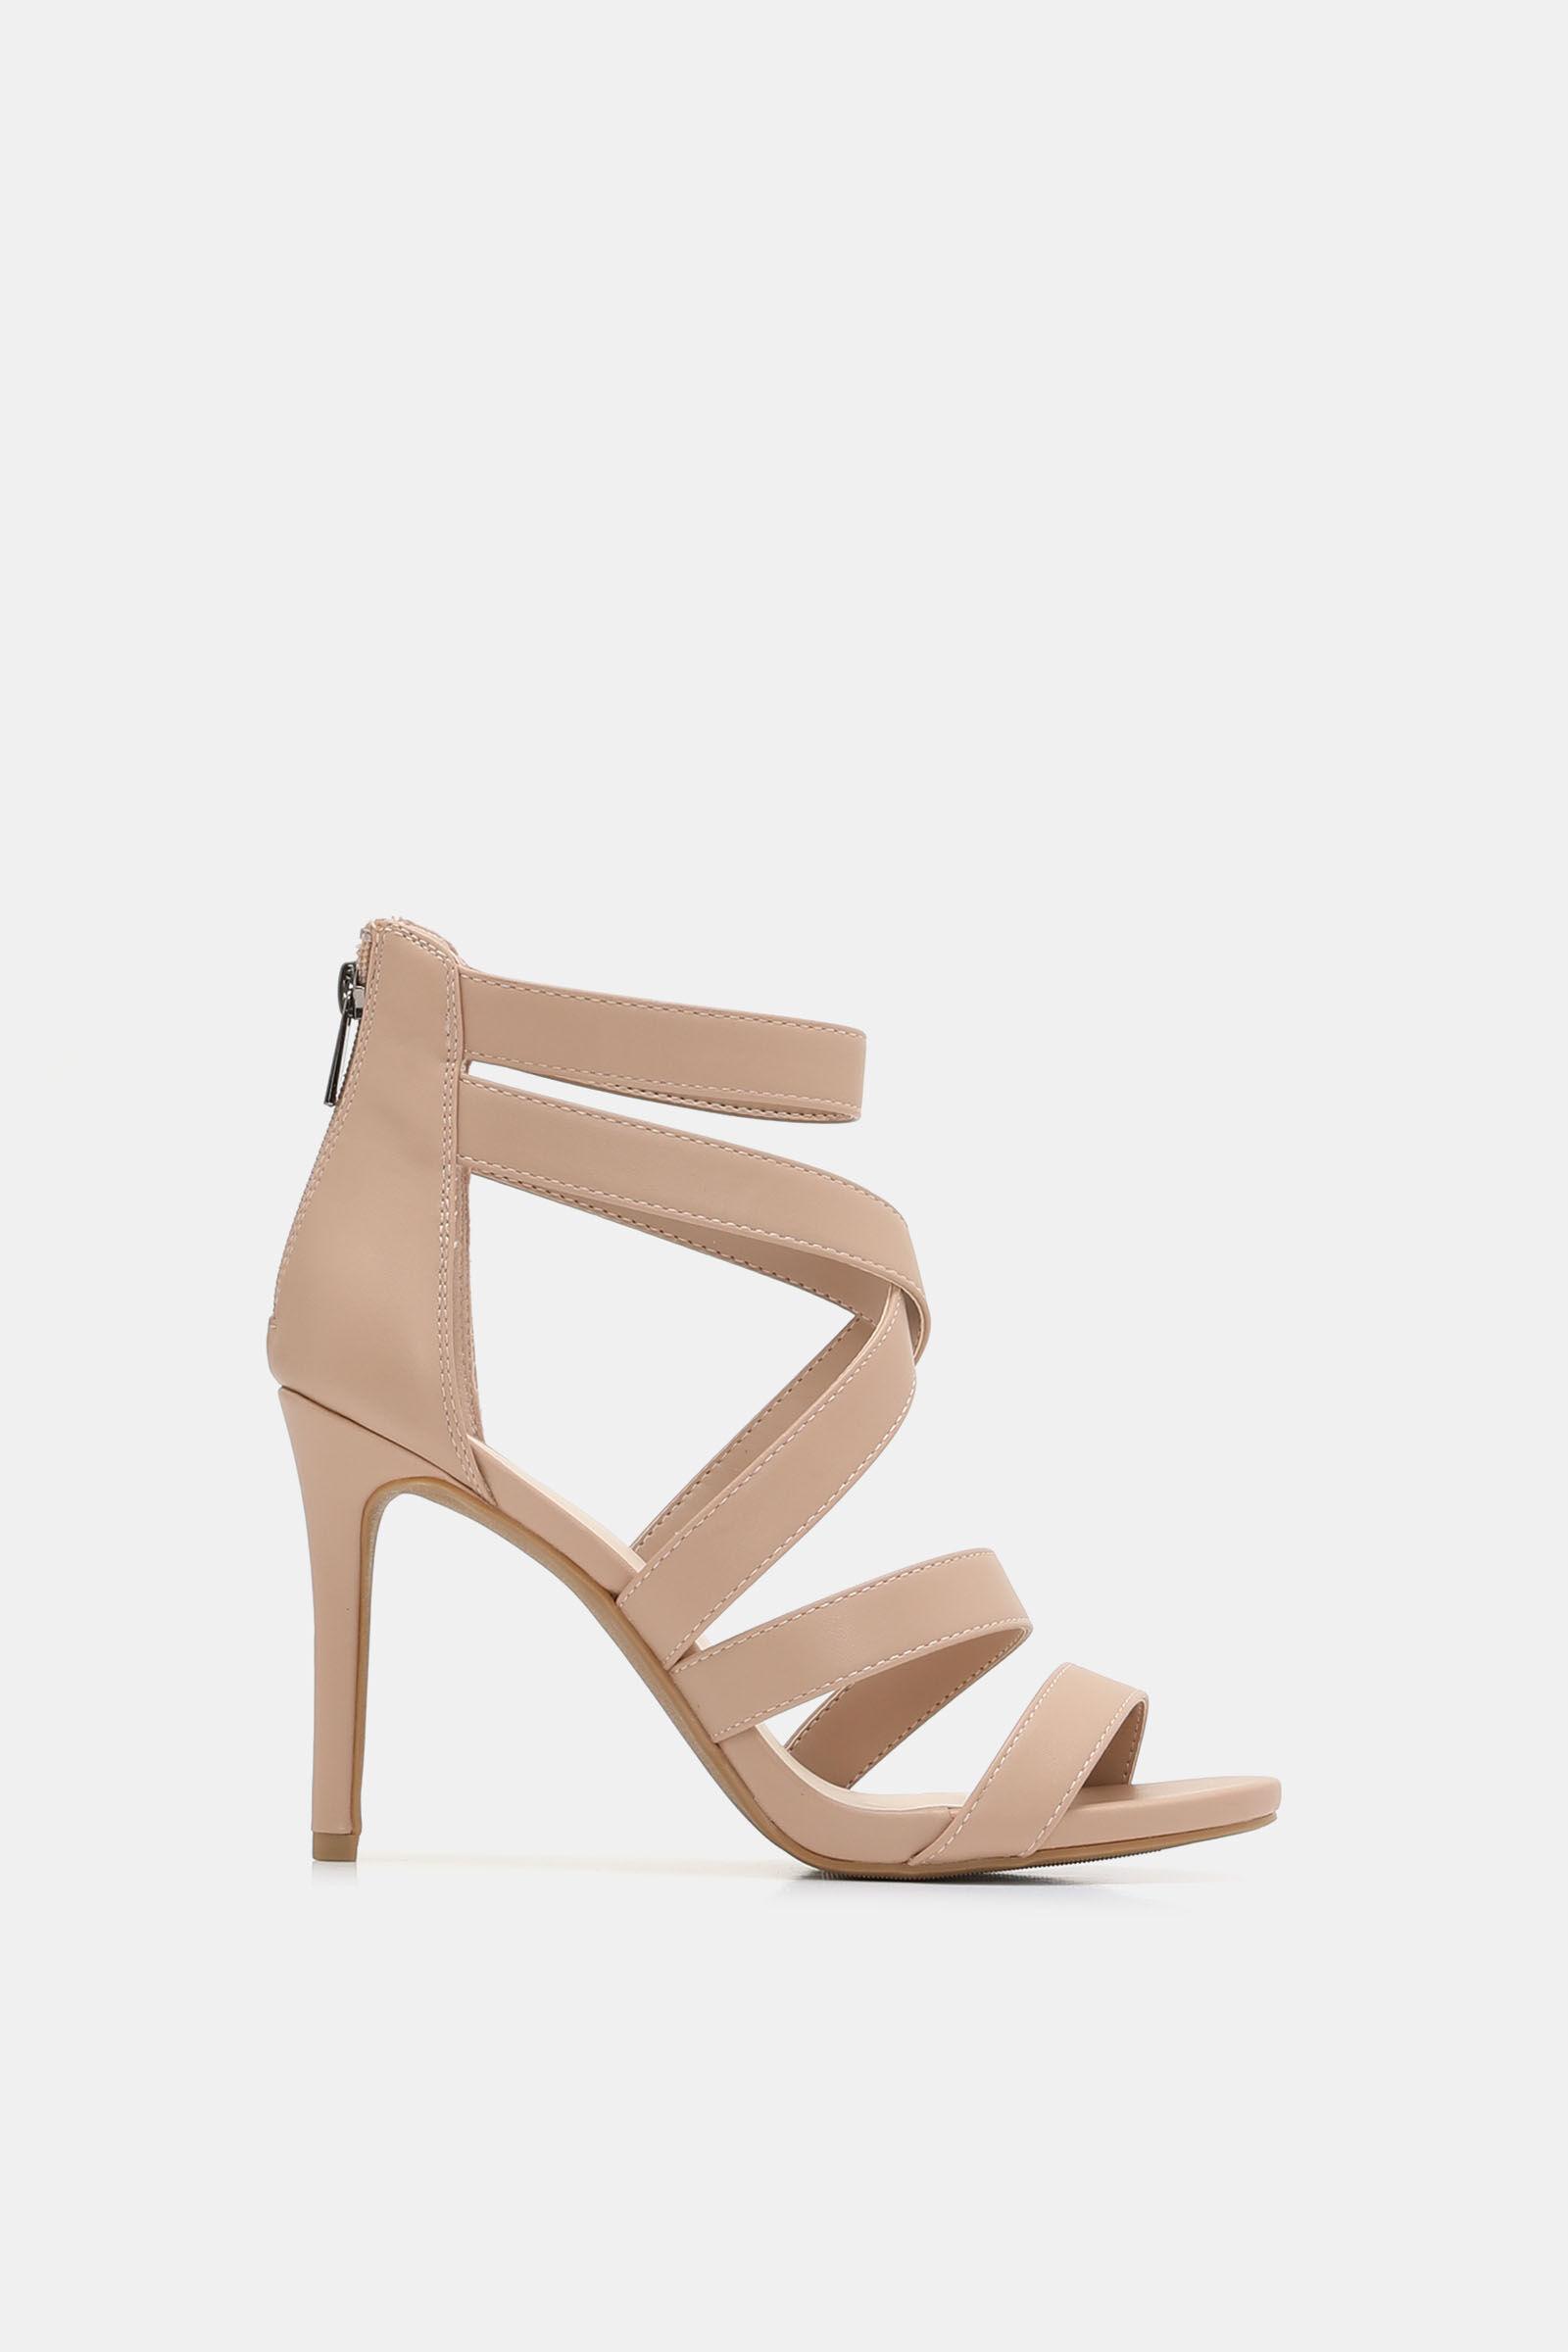 673608db047dda Talons Hauts Compensés Chaussures Chaussures Chaussures Pour Femme Femme  Ardène